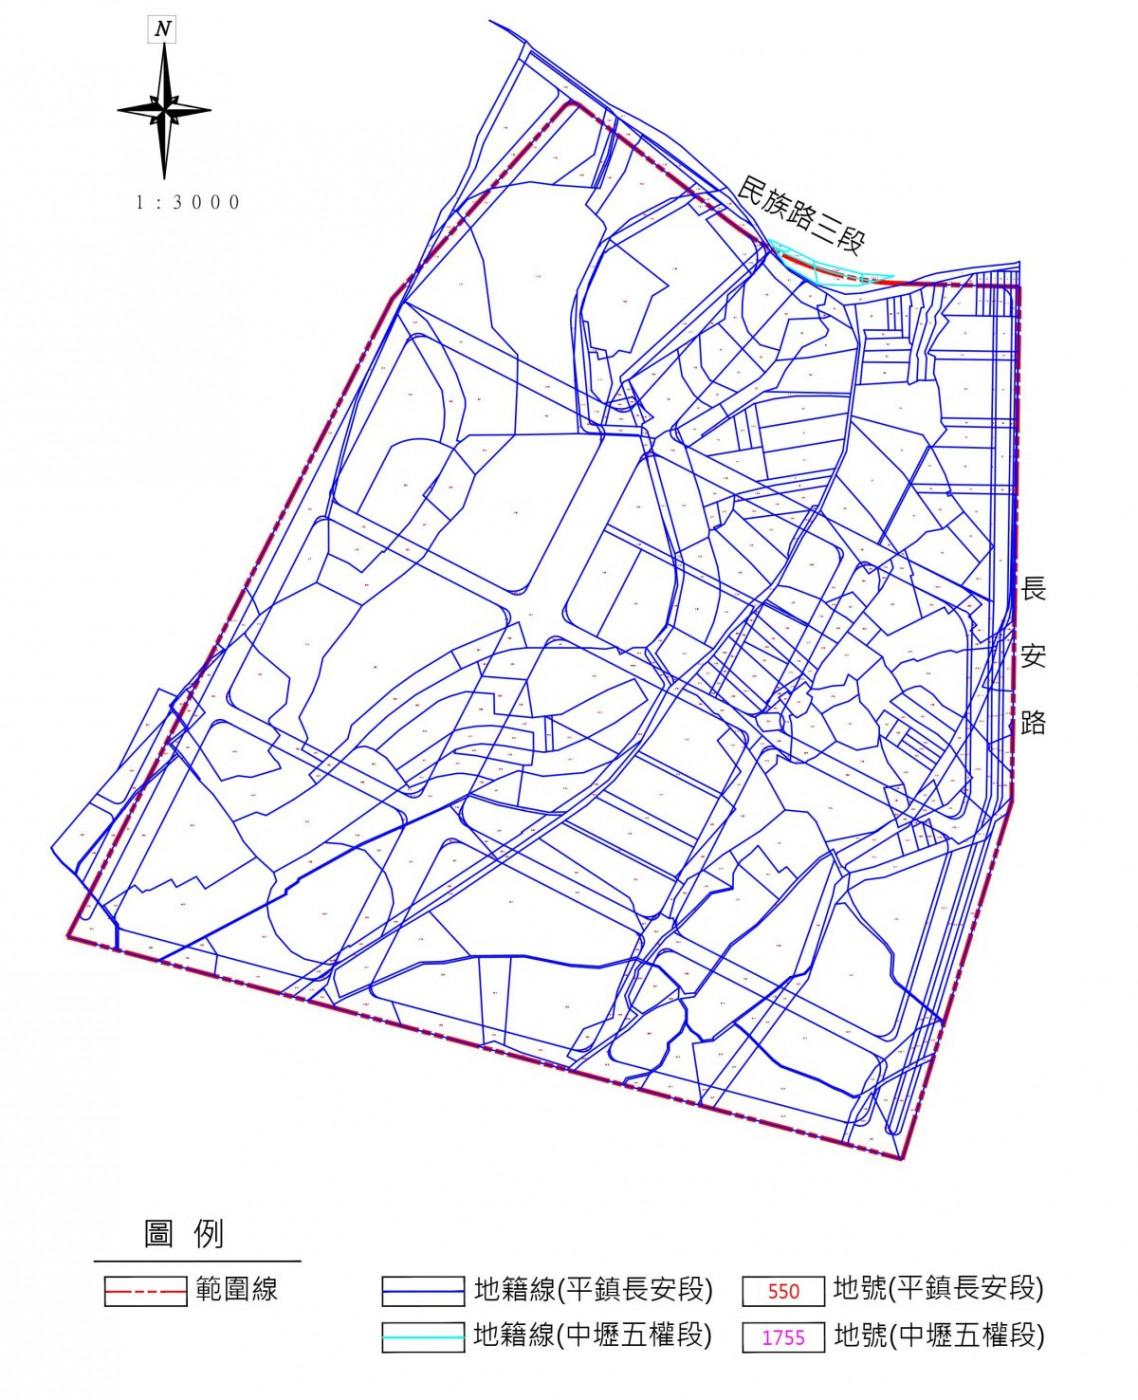 重劃前地籍圖.jpg